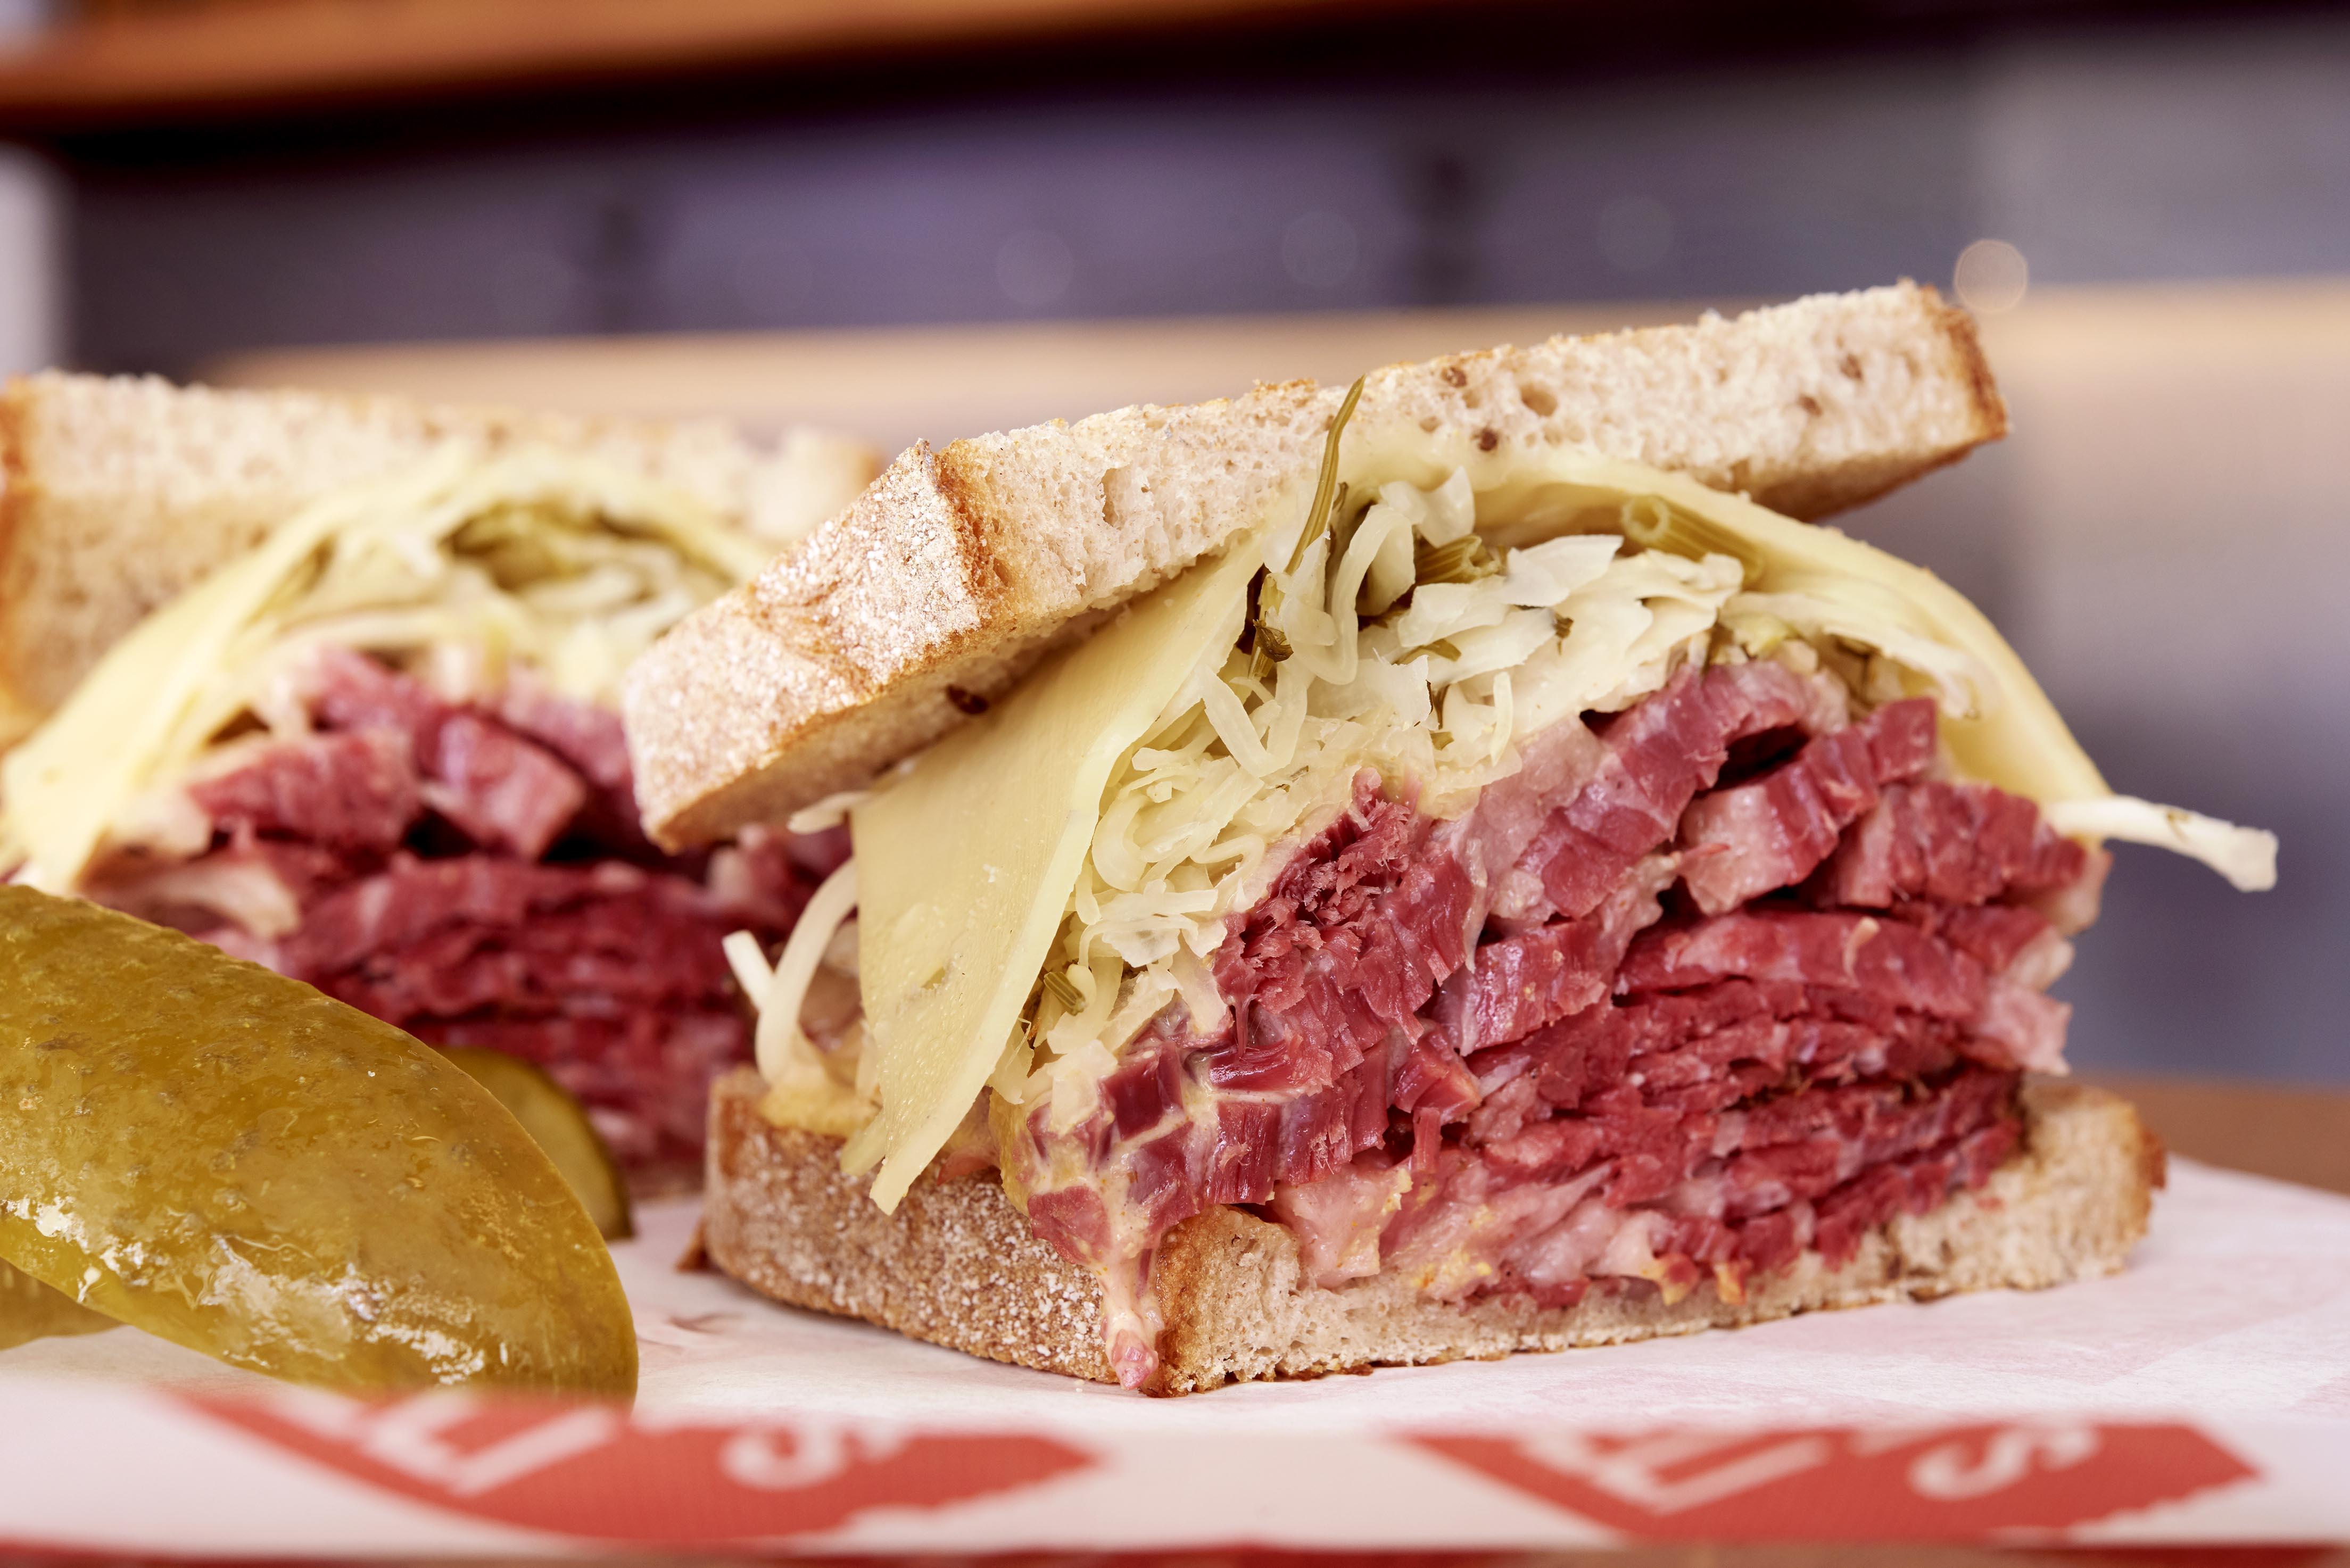 Monty's Deli salt beef sandwich